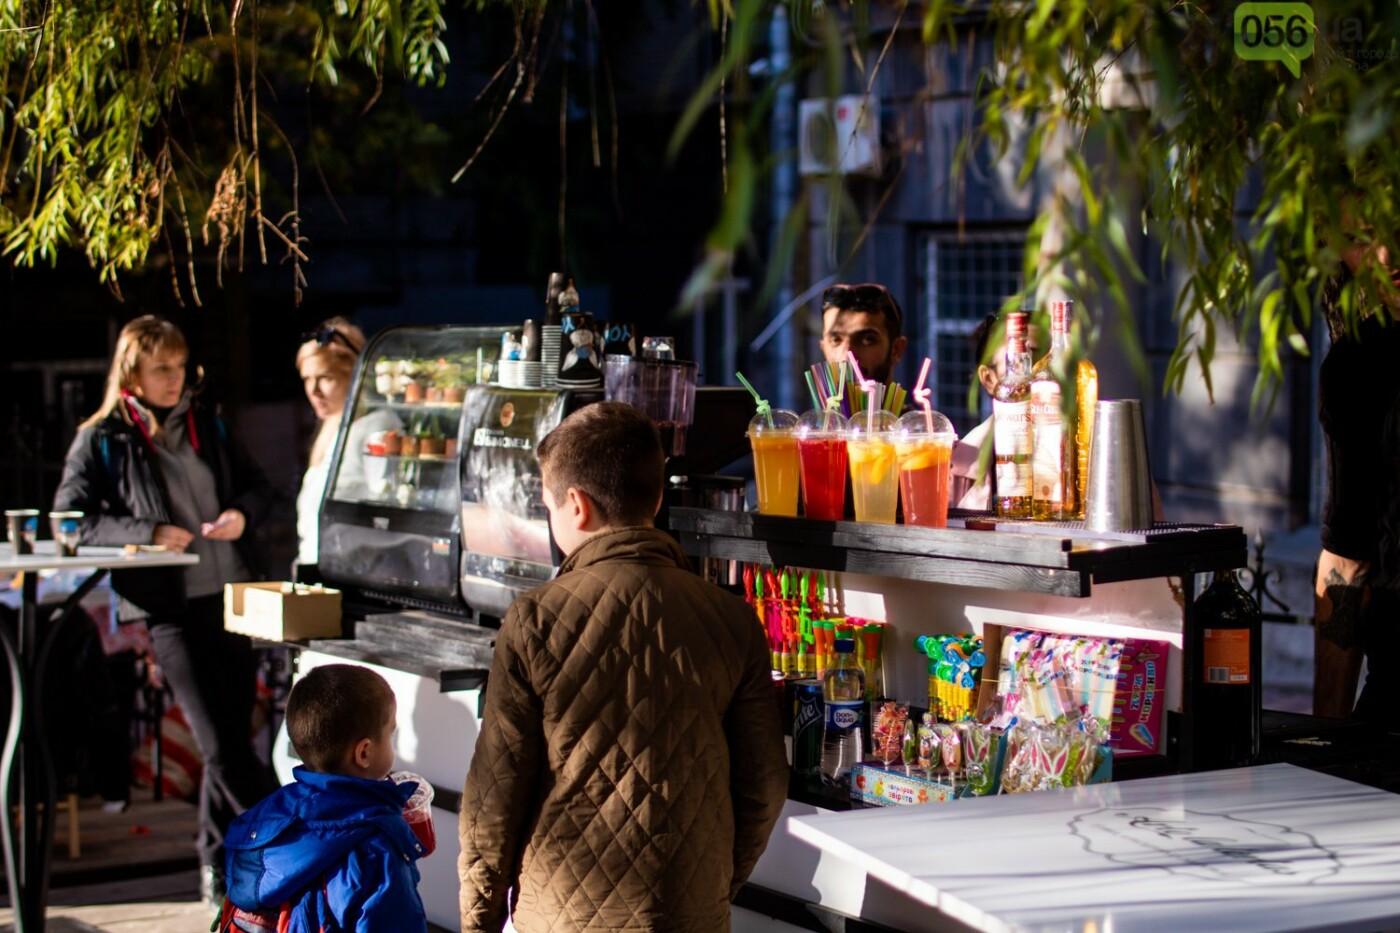 Кофейные ароматы, шоколад и солнце: как в Днепре прошел фестиваль «Осень с привкусом кофе», - ФОТОРЕПОРТАЖ, фото-4